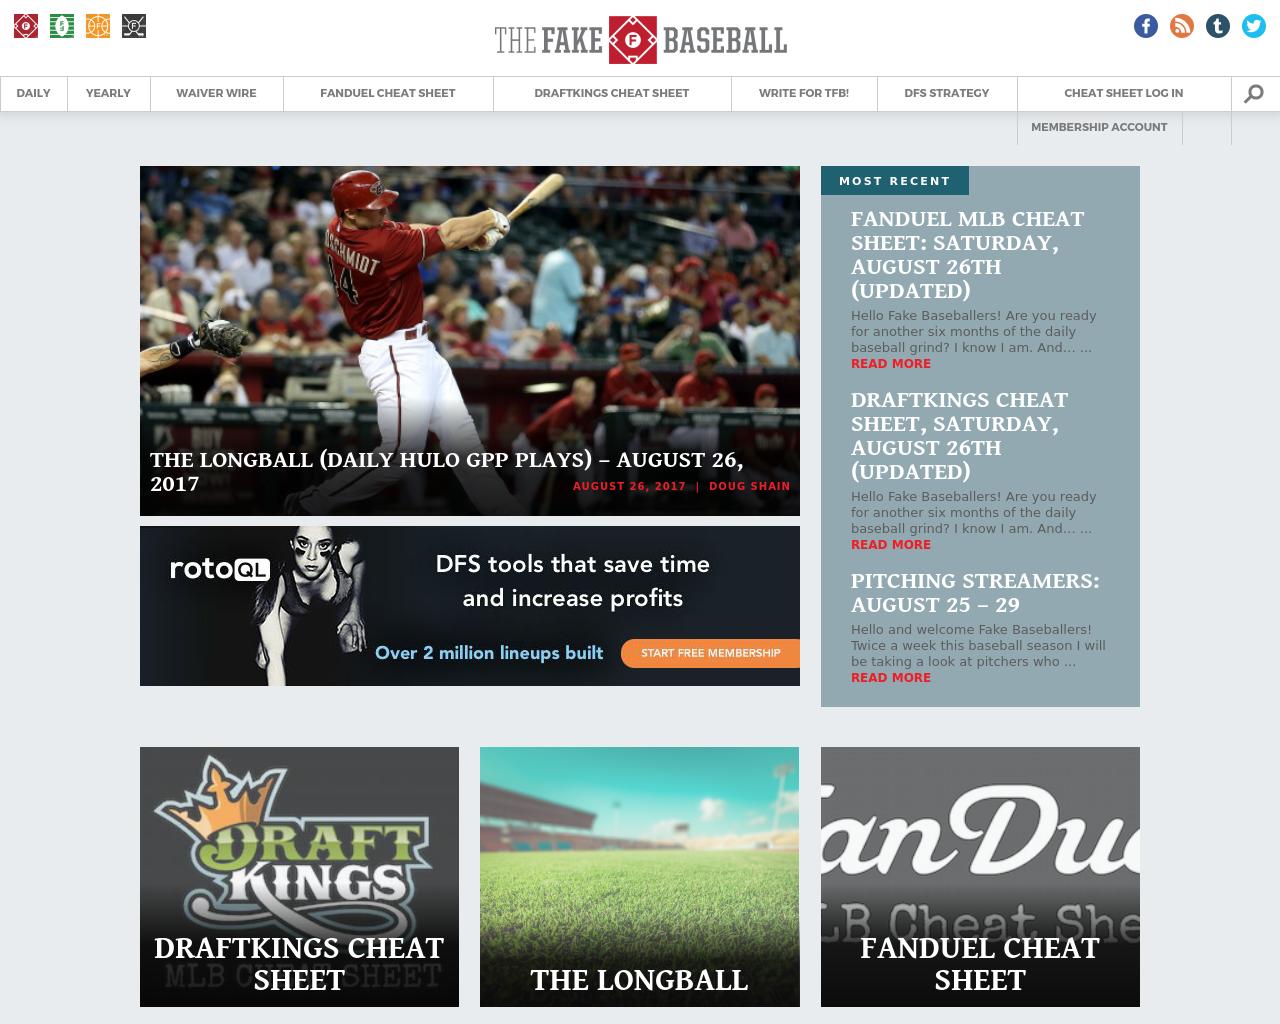 THE-FAKE-BASEBALL-Advertising-Reviews-Pricing